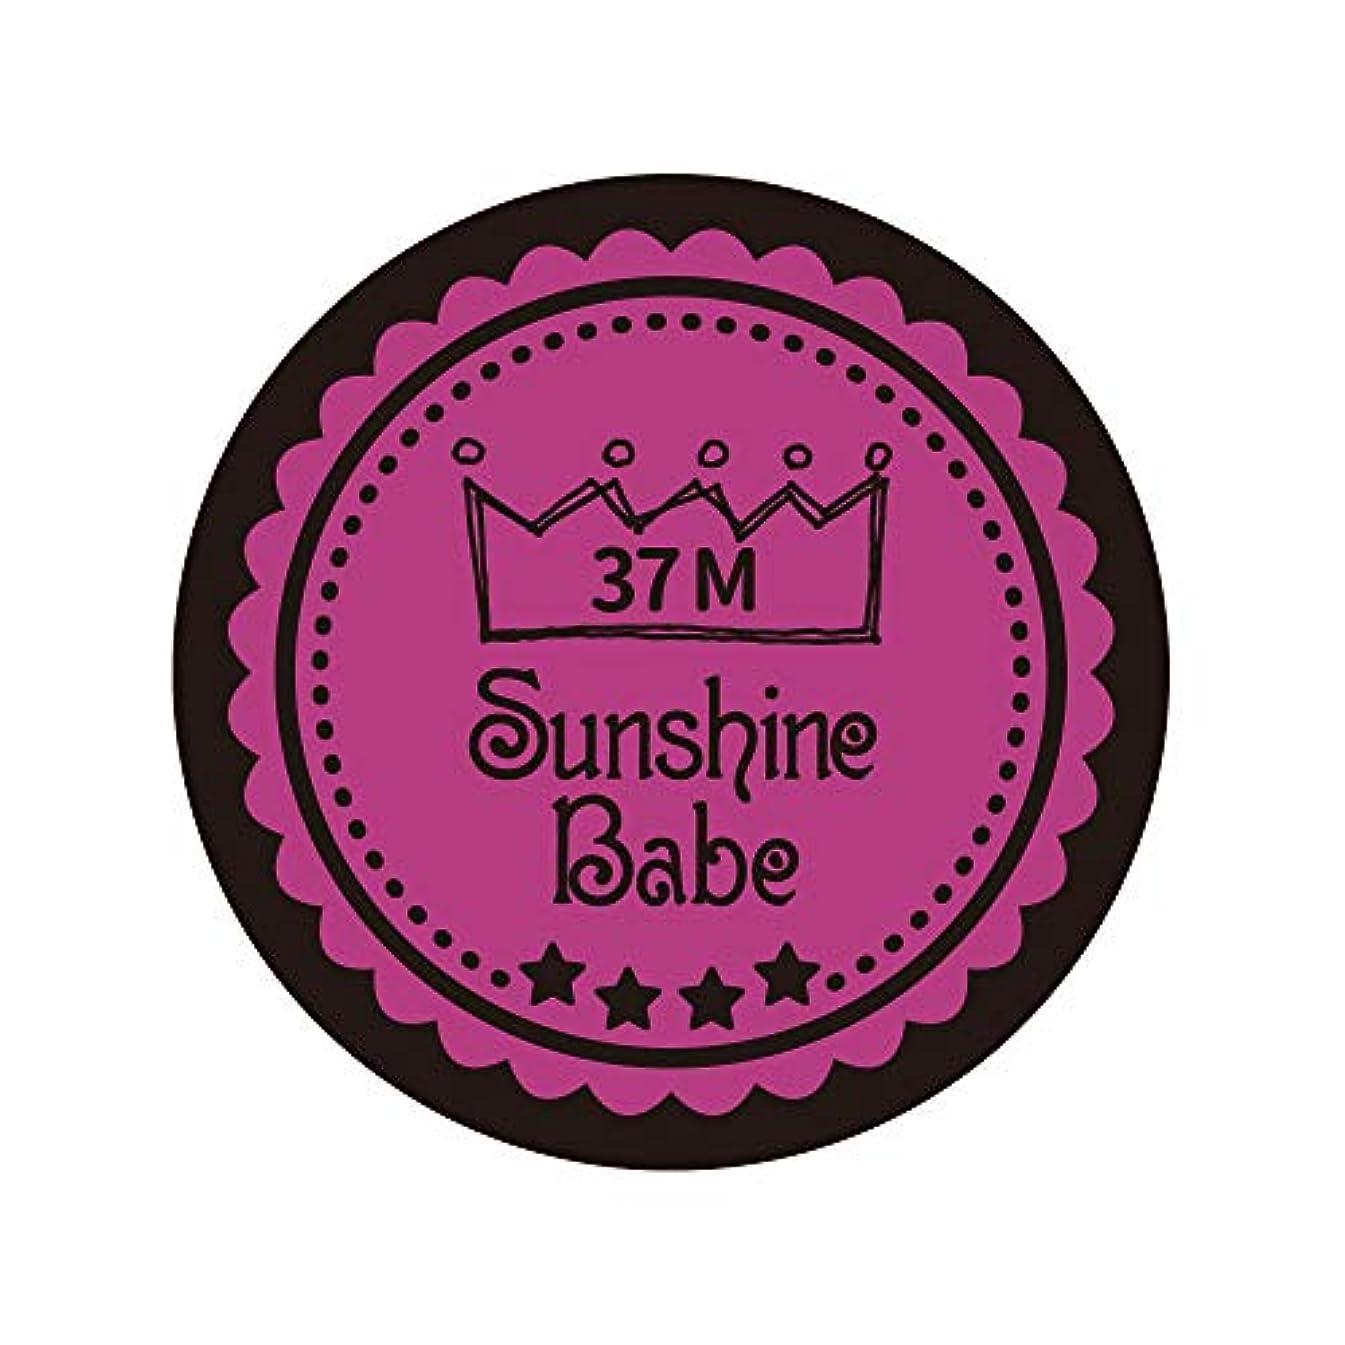 放射性保存バウンスSunshine Babe カラージェル 37M フューシャピンク 2.7g UV/LED対応